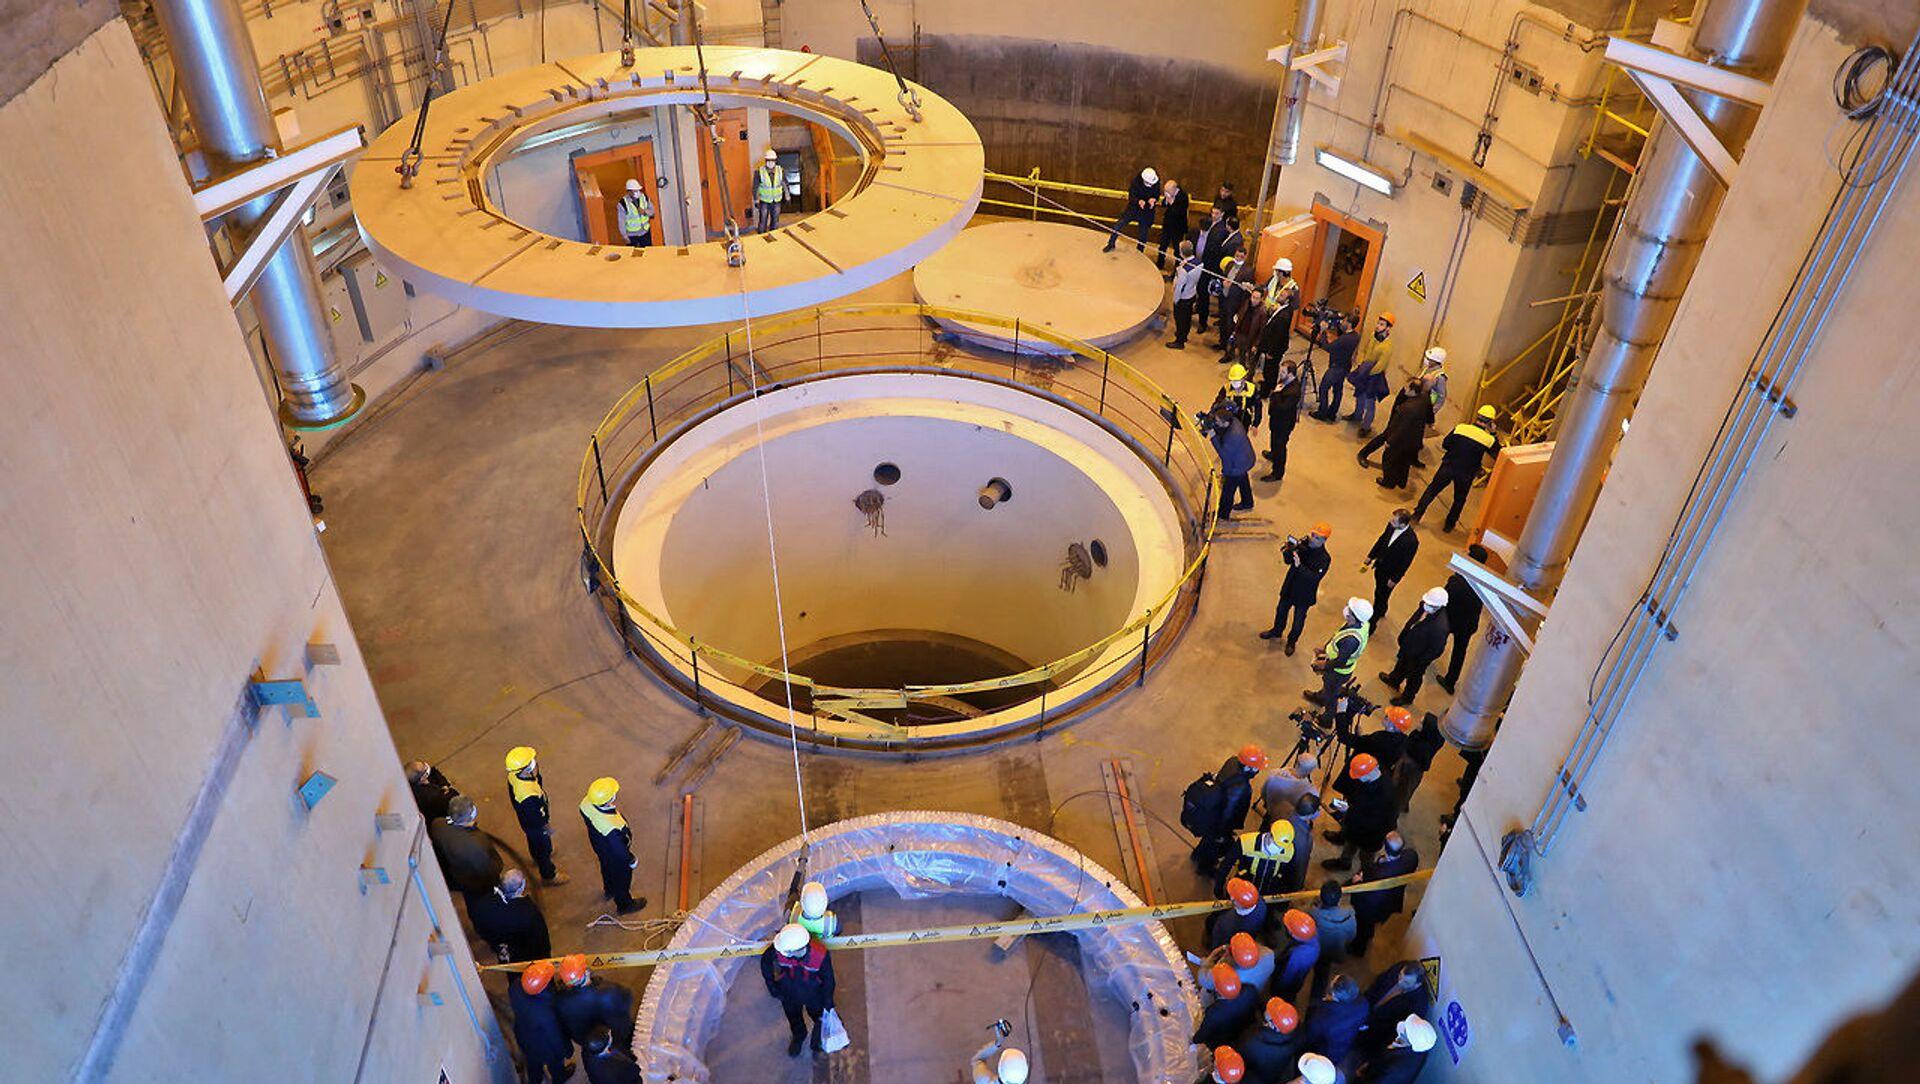 Водяной ядерный реактор в Араке, Иран - Sputnik Азербайджан, 1920, 01.06.2021